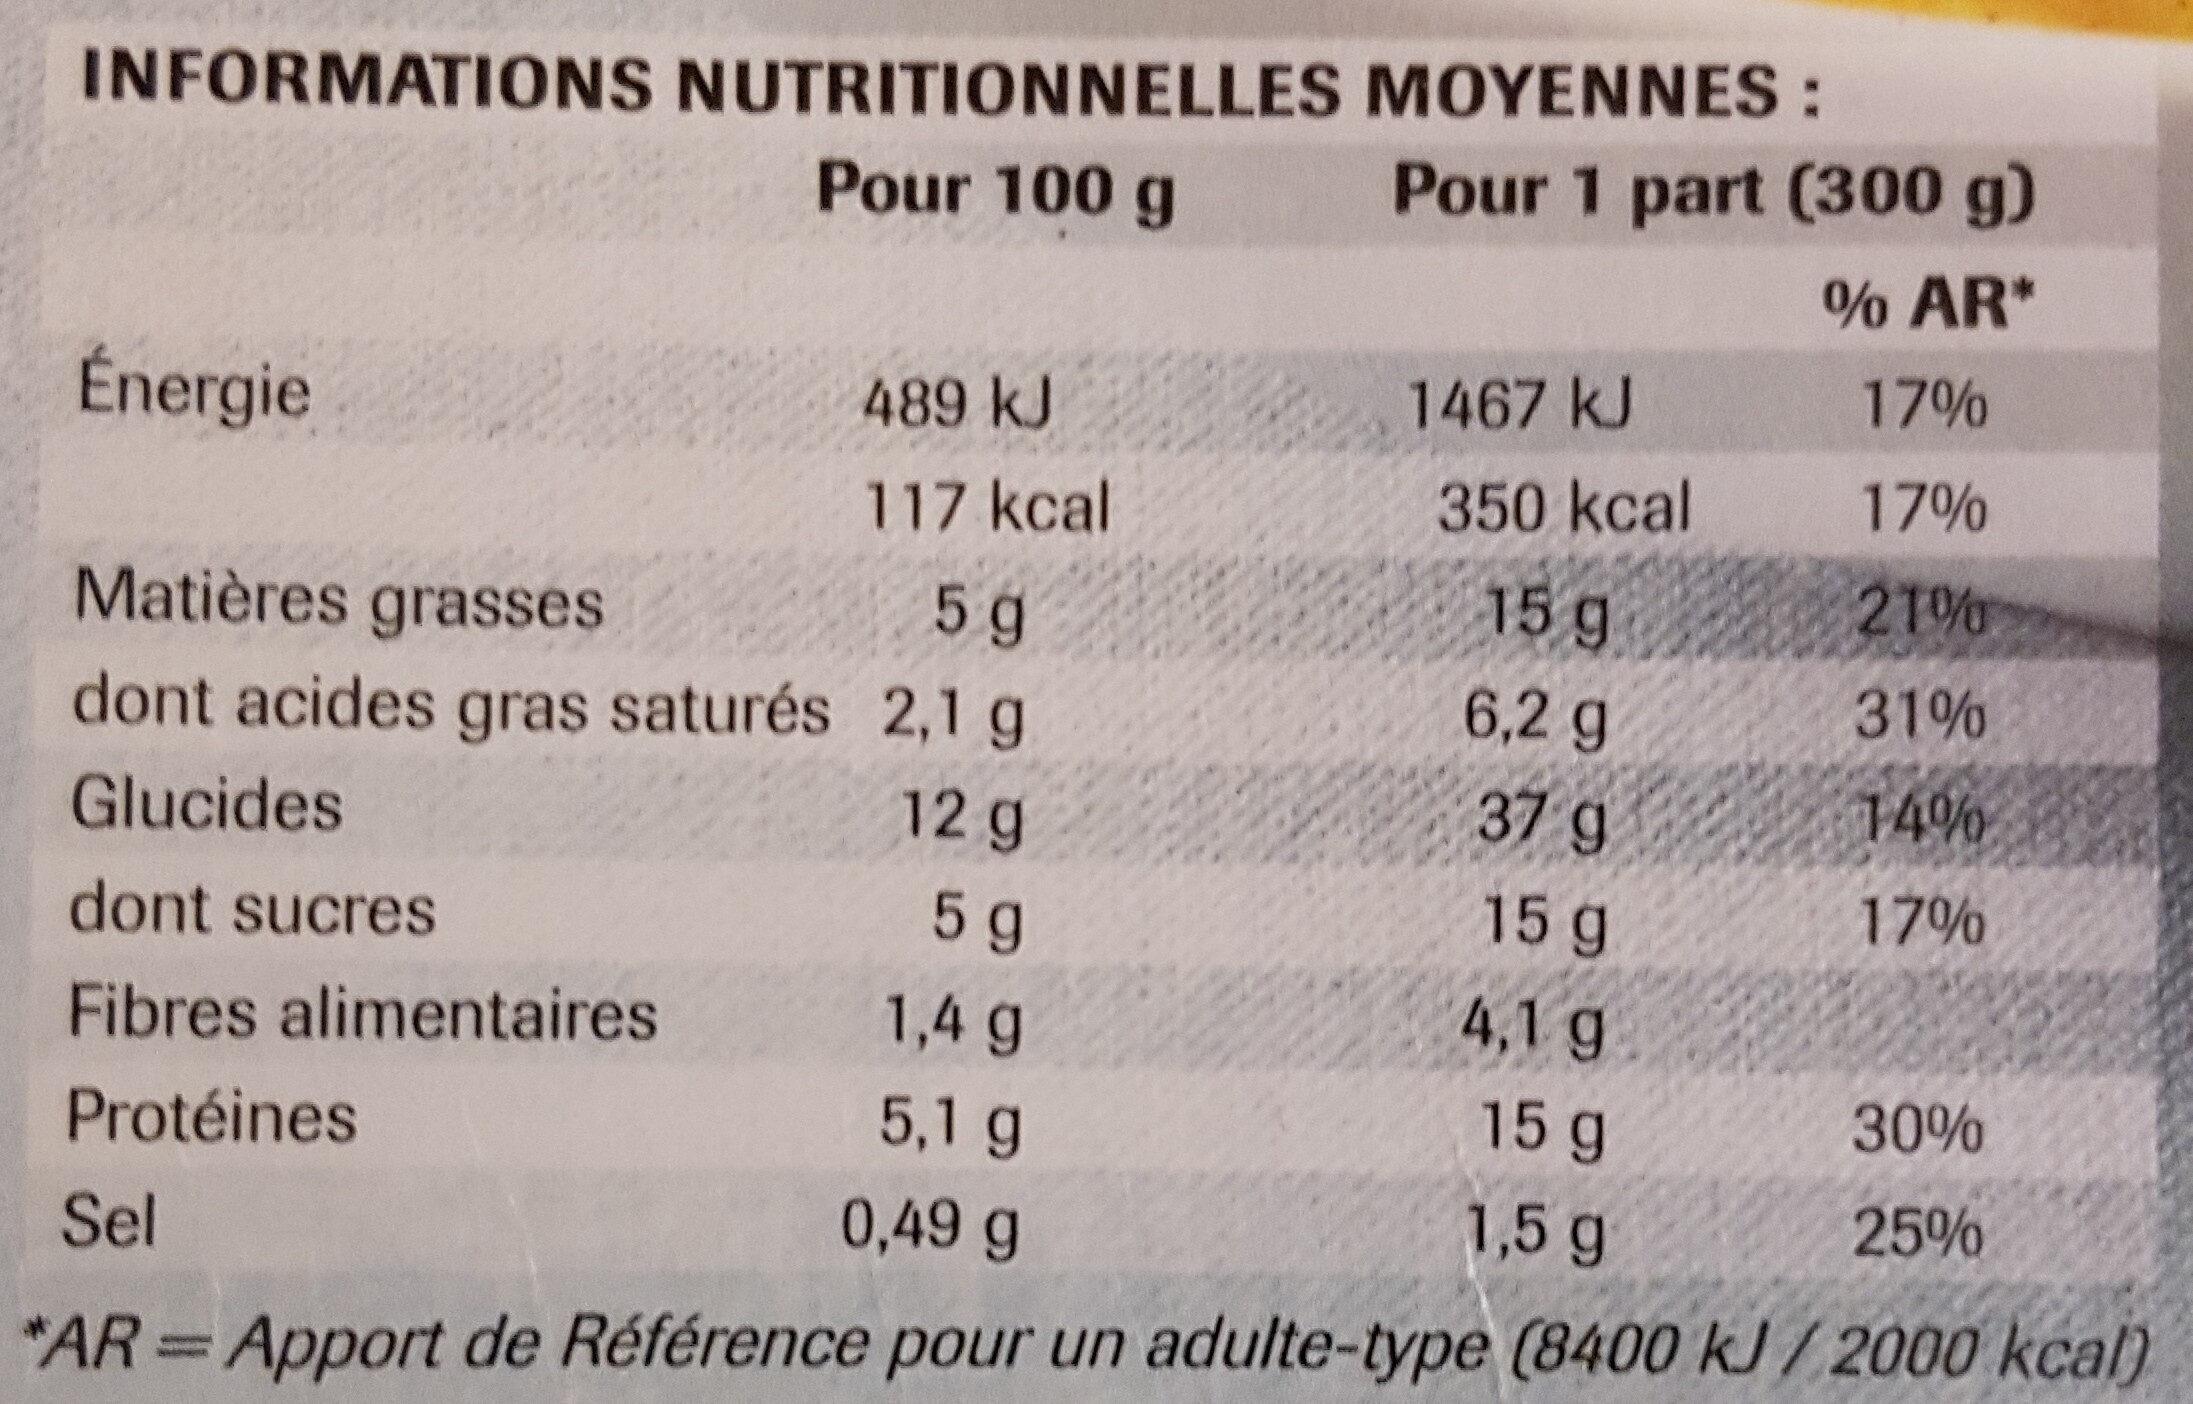 Poulet sauce citron vert et coriandre, purée de patate douce - Informations nutritionnelles - fr